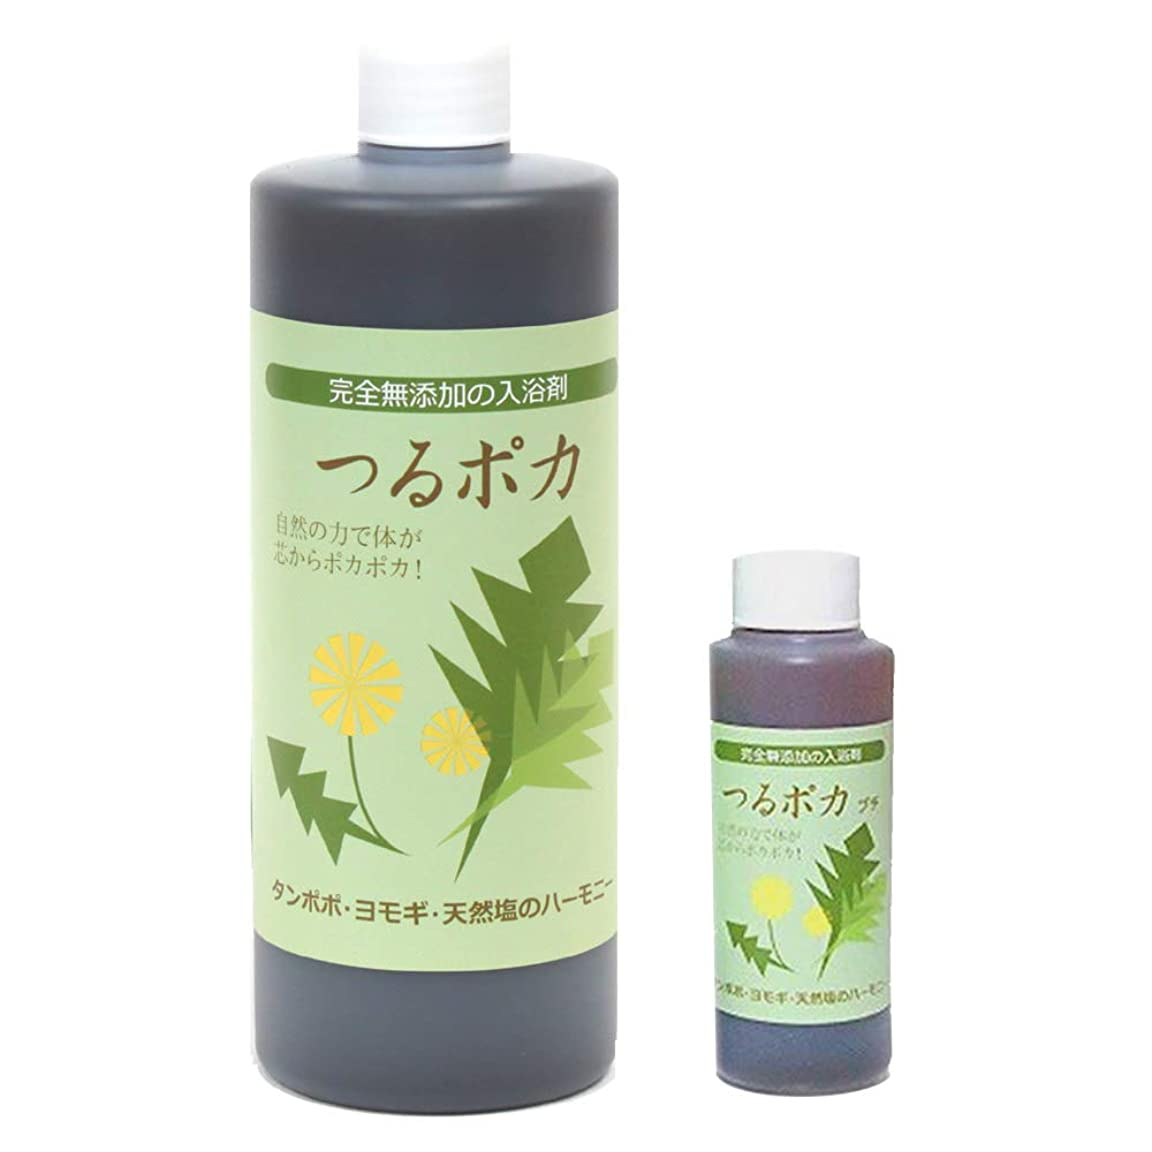 つるポカ入浴剤 500ml+60ml おまけ (ばんのう酵母くん姉妹商品)